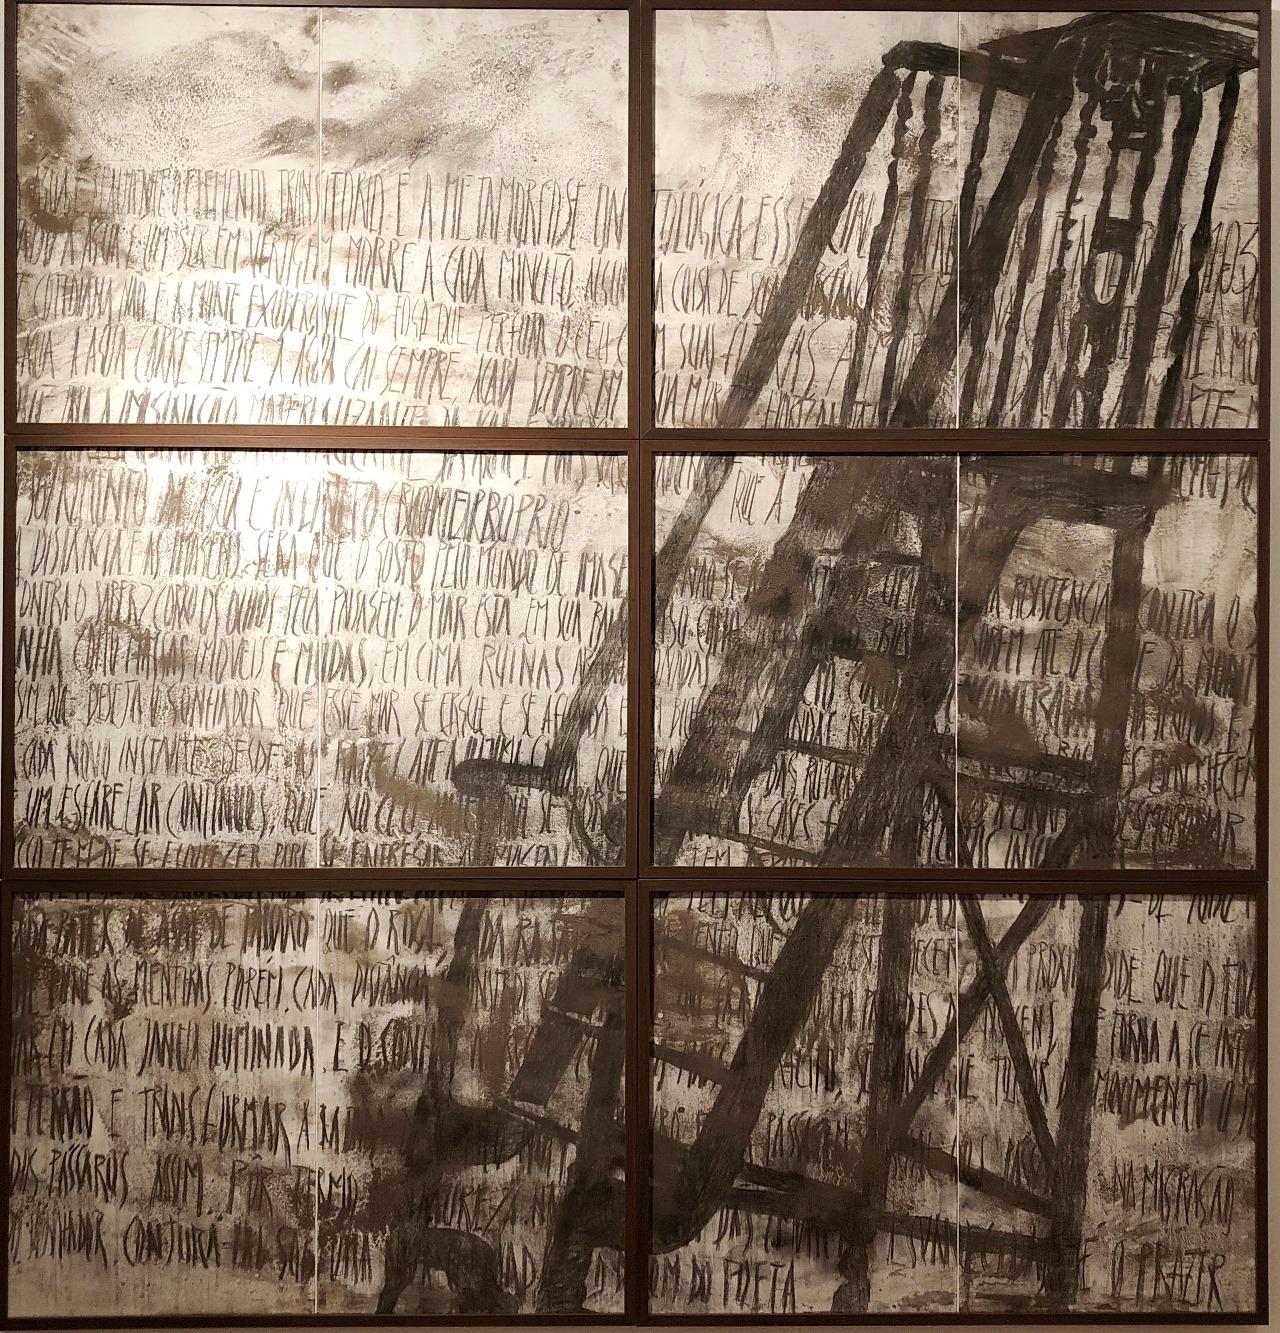 Torre de Babel, Torre de Marfim